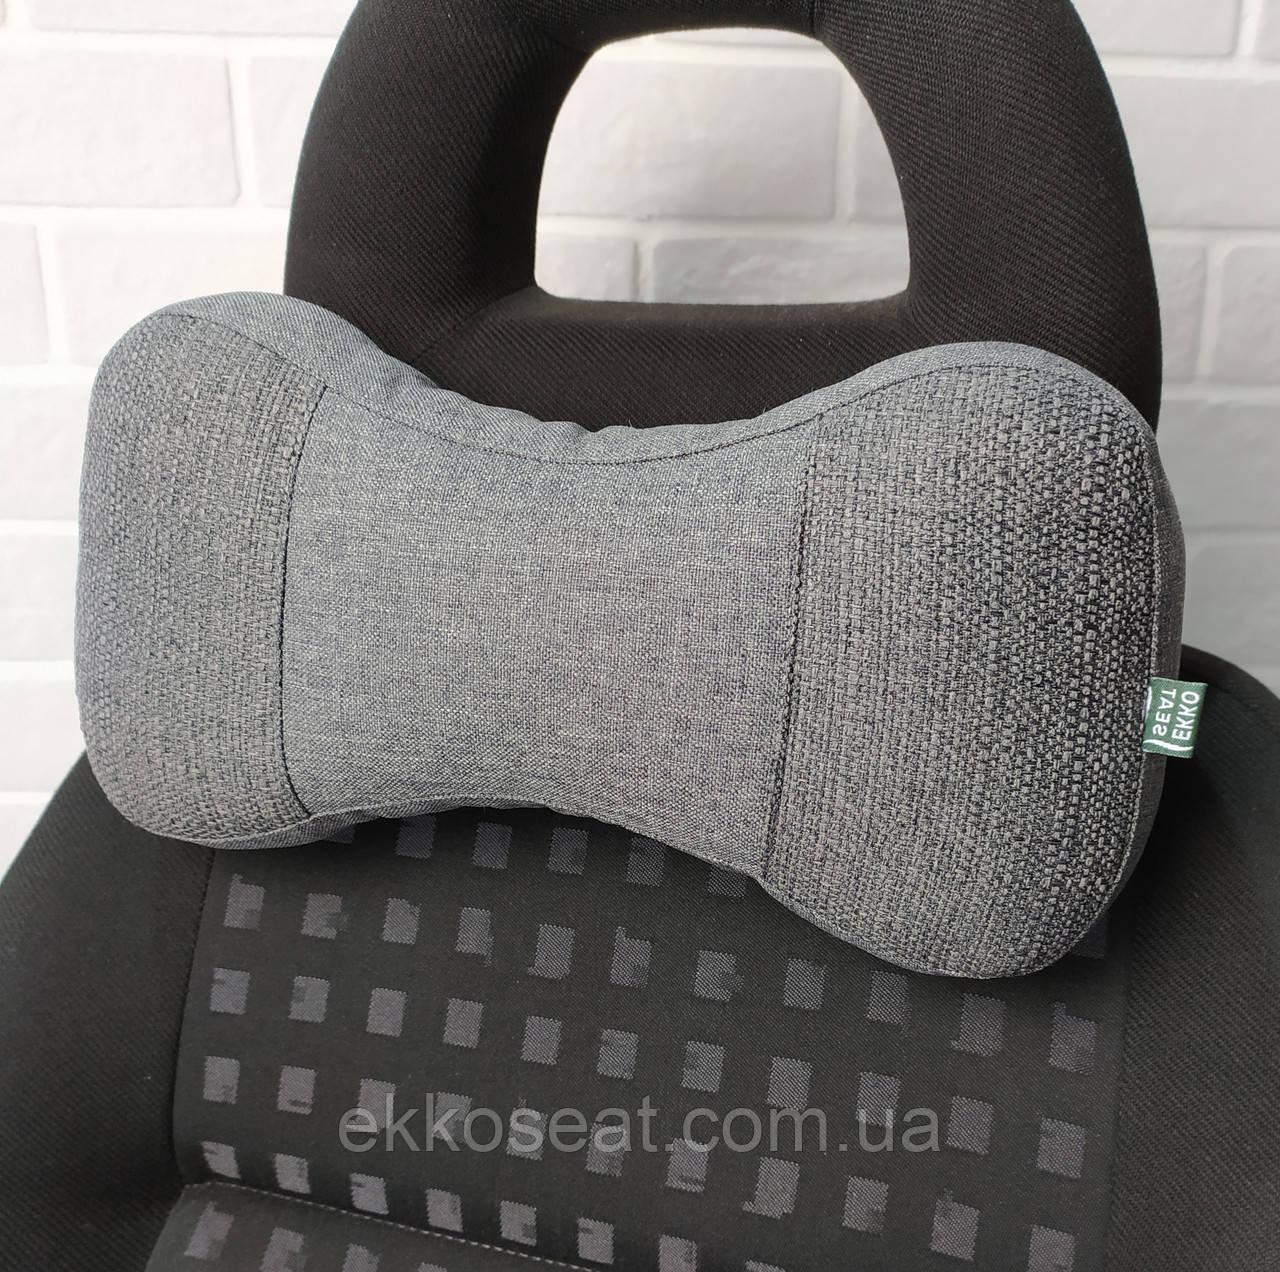 Подушка для шиї на підголовник EKKOSEAT в машину - трисекційна, Сіра, Чорна, Бежевий, Коричневий